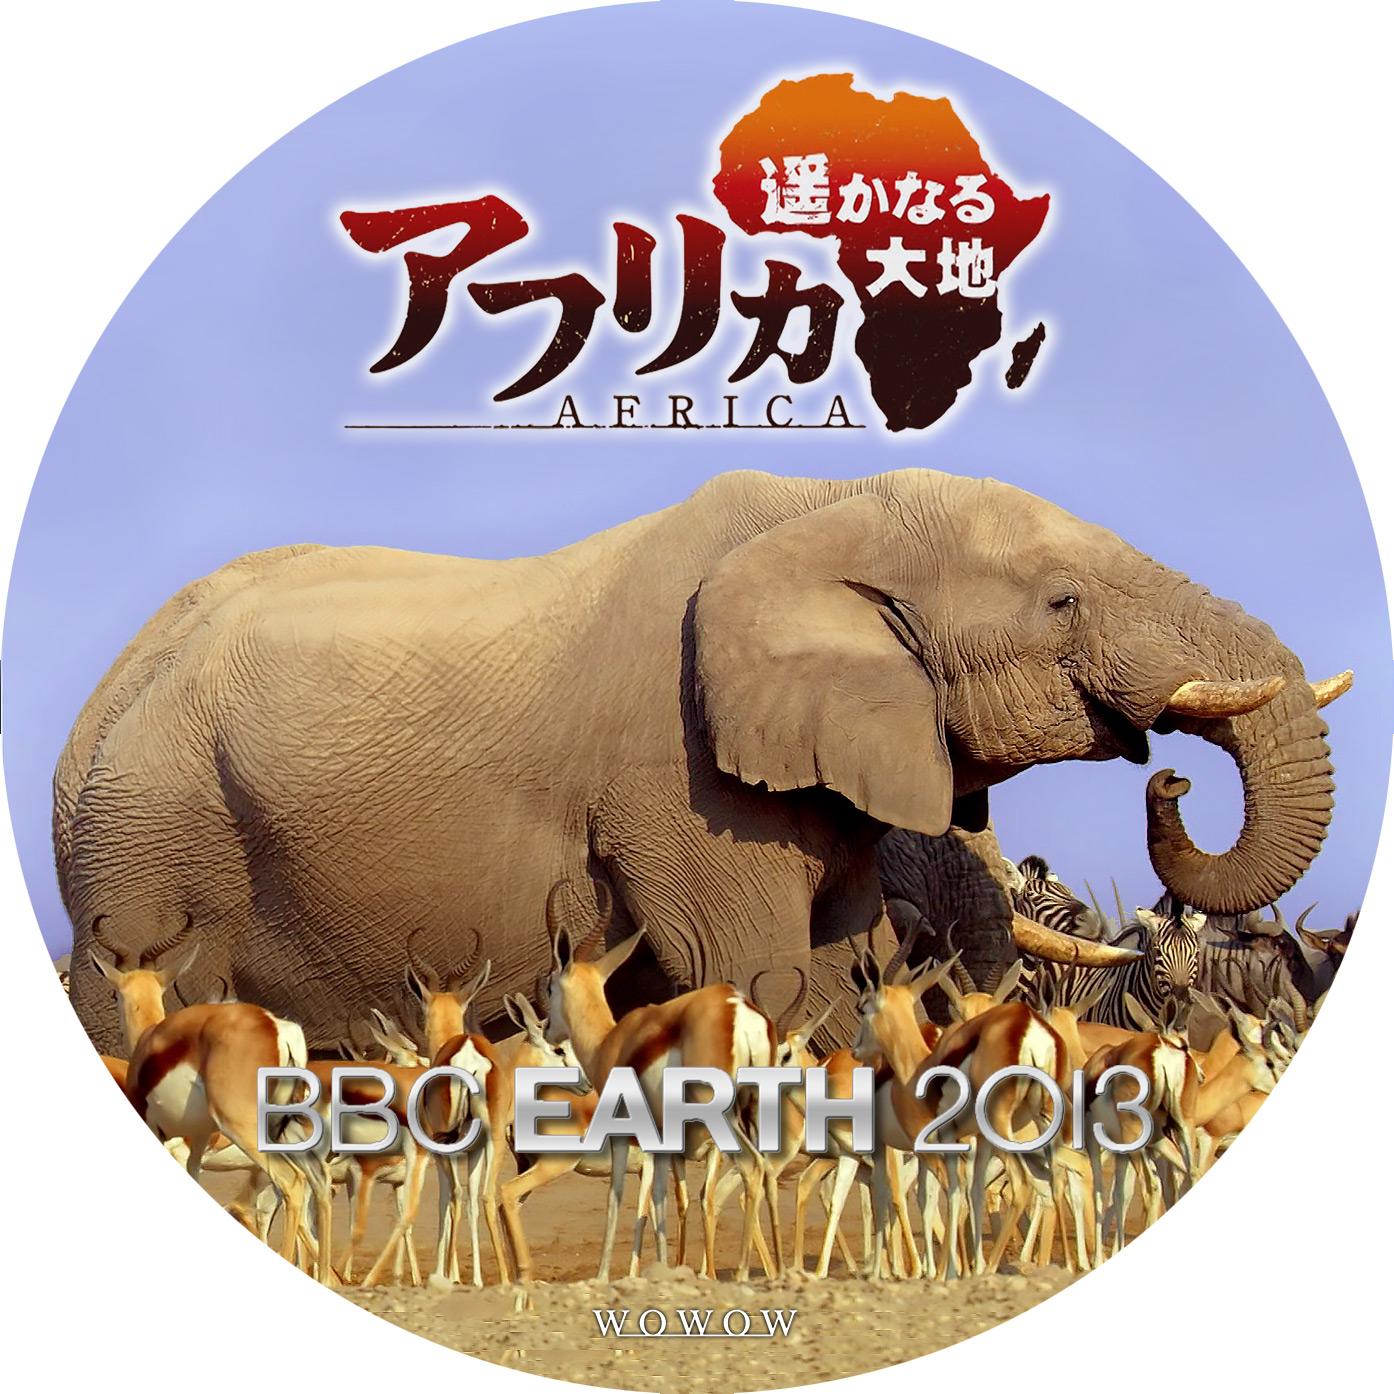 BBC EARTH 2013 AFRICA DVDラベル